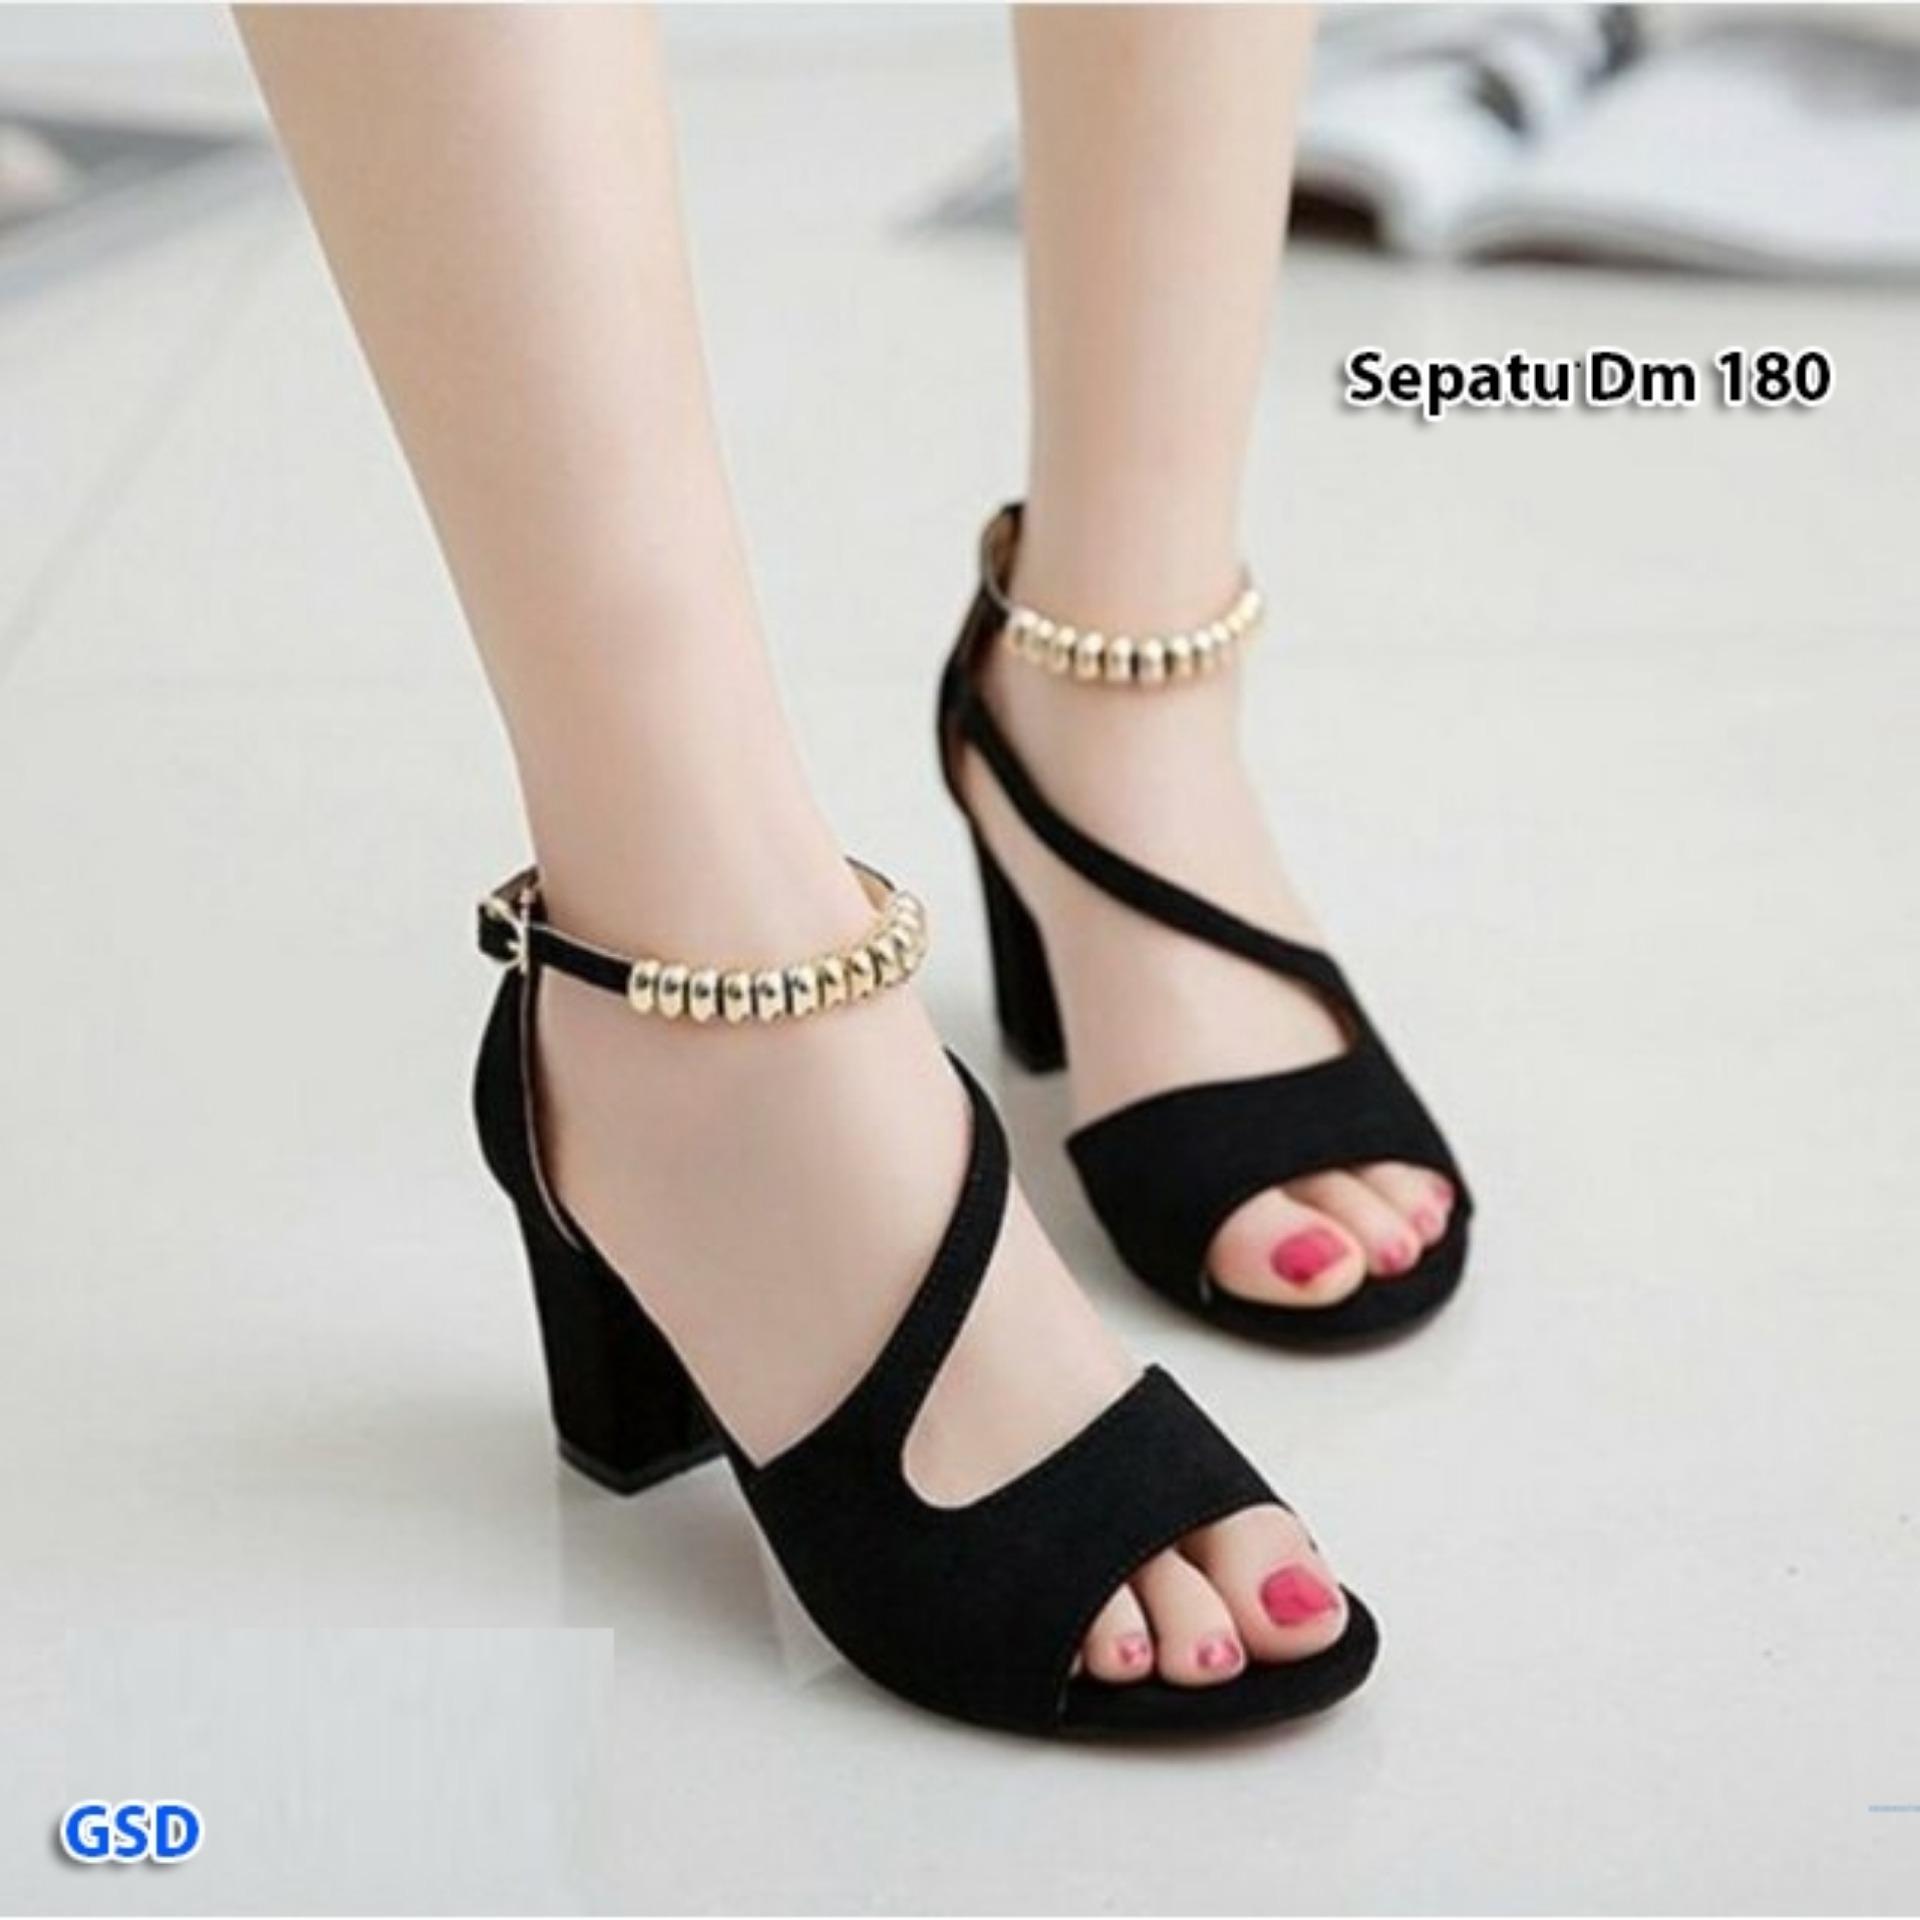 Fashion / sandal wanita / sepatu/sandal wedges / hils pesta / Sepatu Dm 180